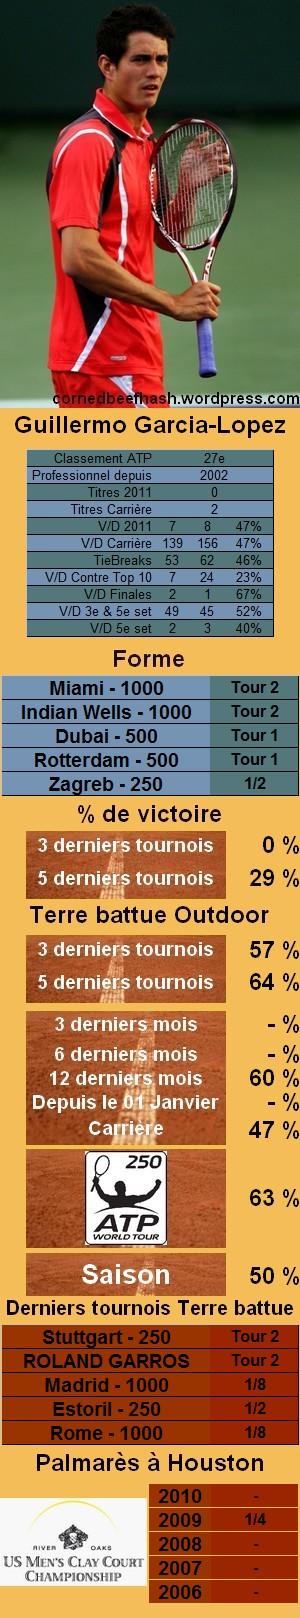 Les statistiques tennis de Guillermo Garcia Lopez pour le tournoi de Houston